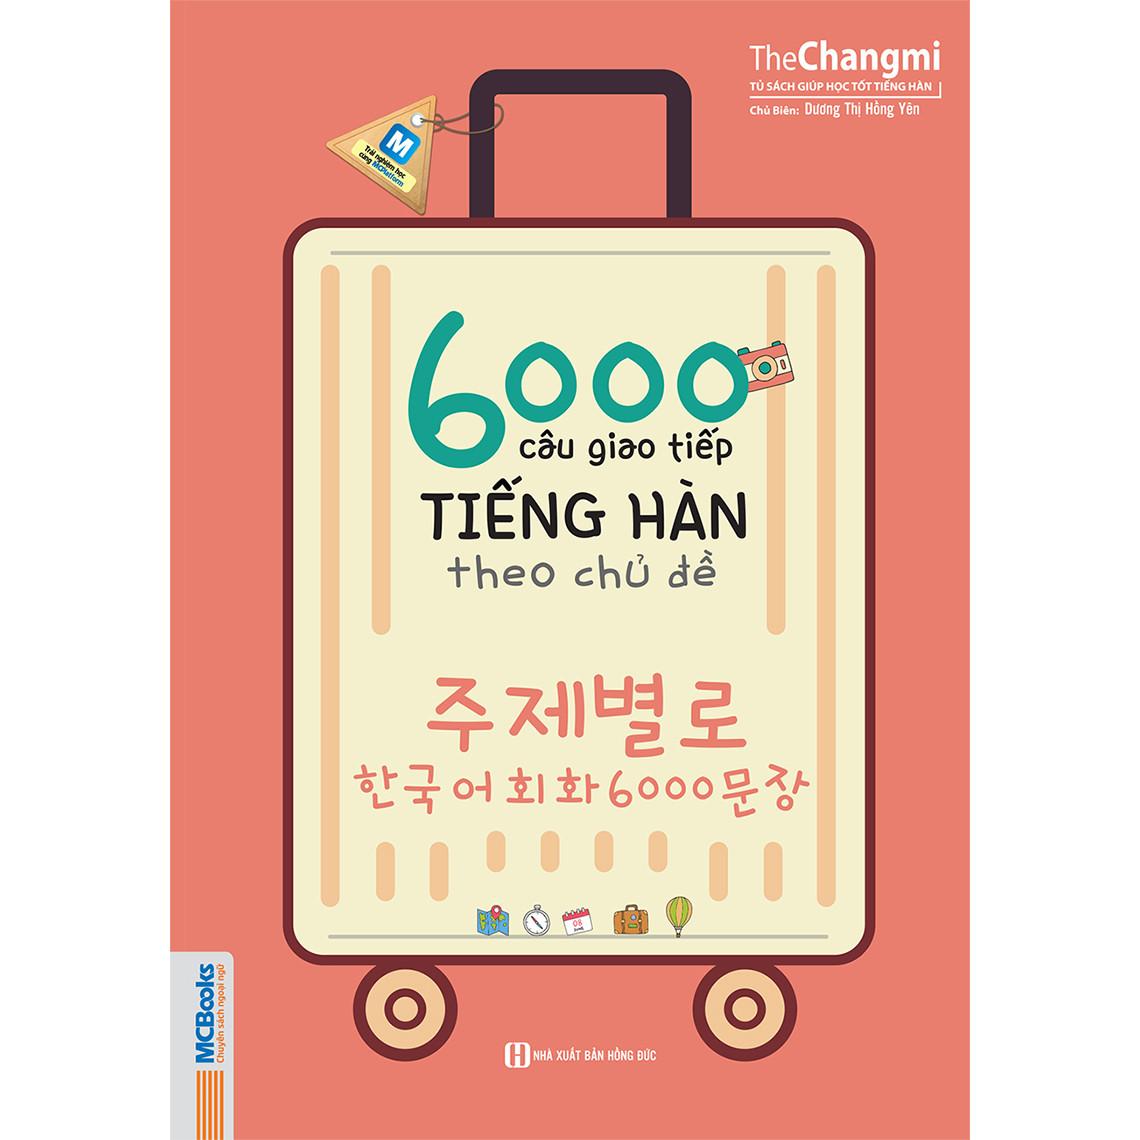 6000 Câu Giao Tiếp Tiếng Hàn Theo Chủ Đề ( tặng kèm bookmark )